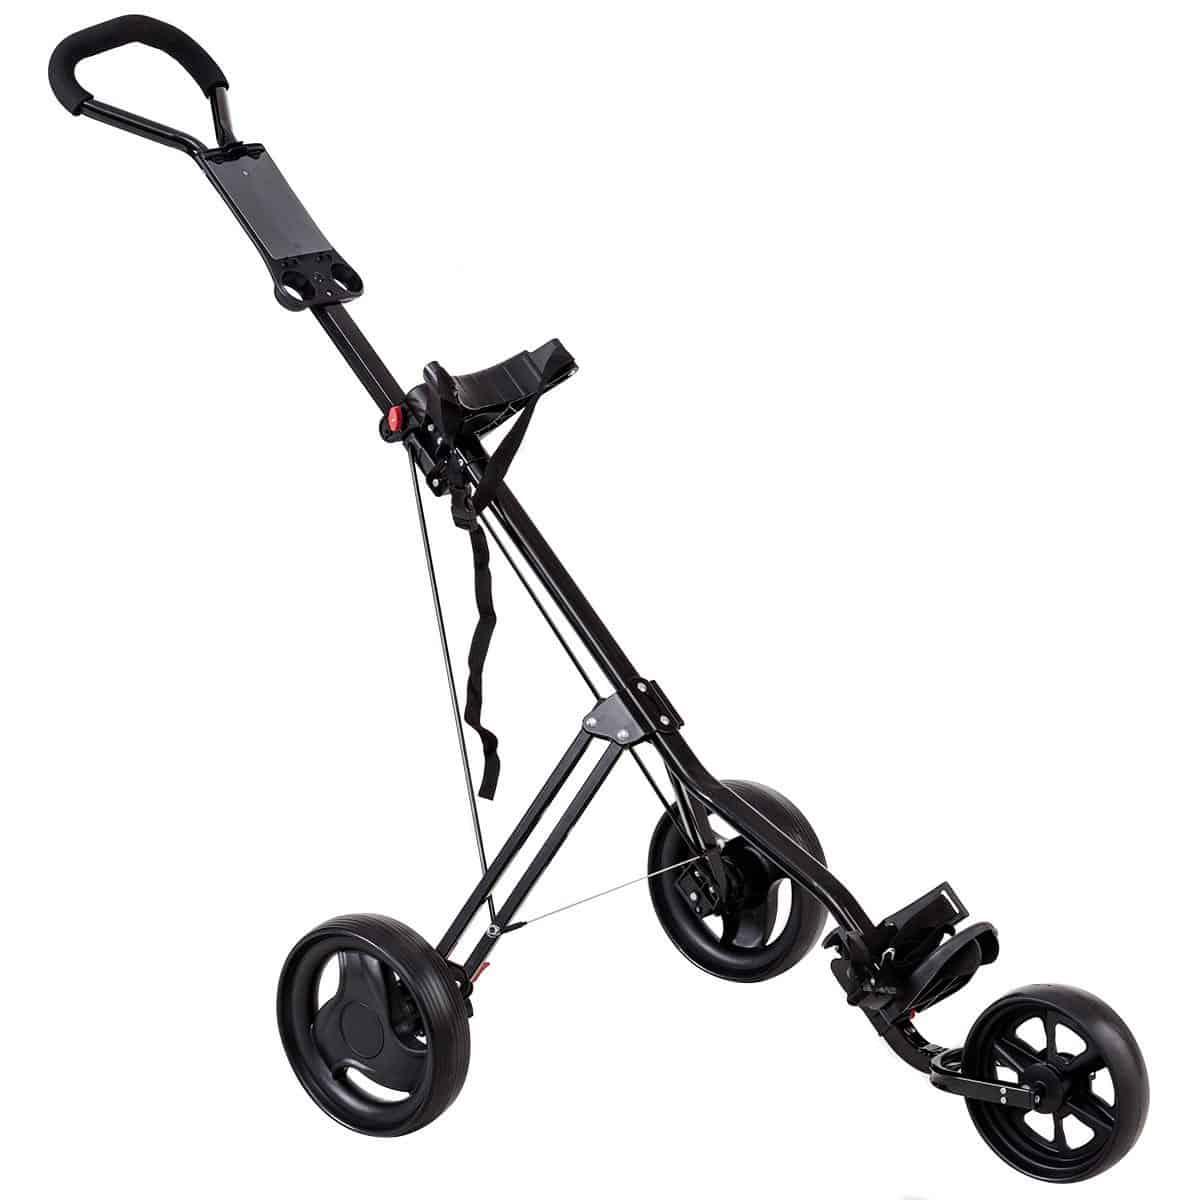 Tangkula Golf Pull Cart